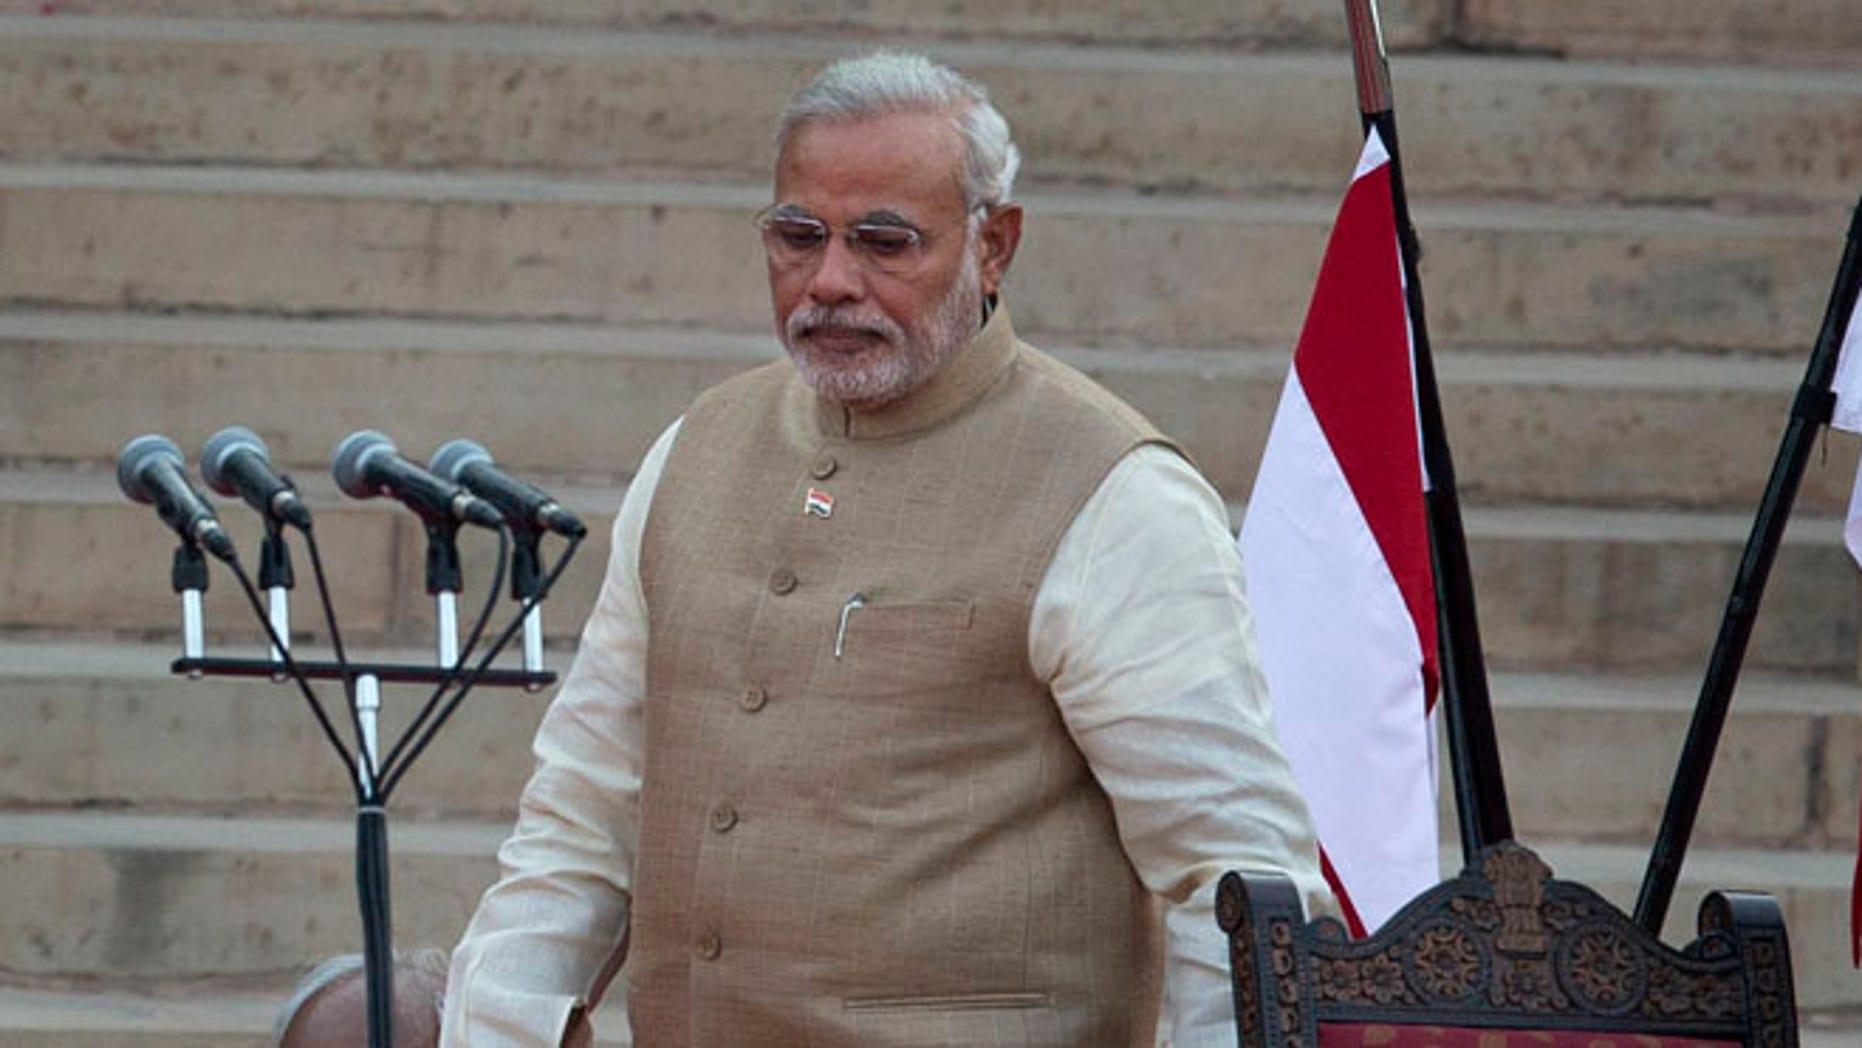 May 26, 2014: India's new prime minister Narendra Modi, in New Delhi, India.